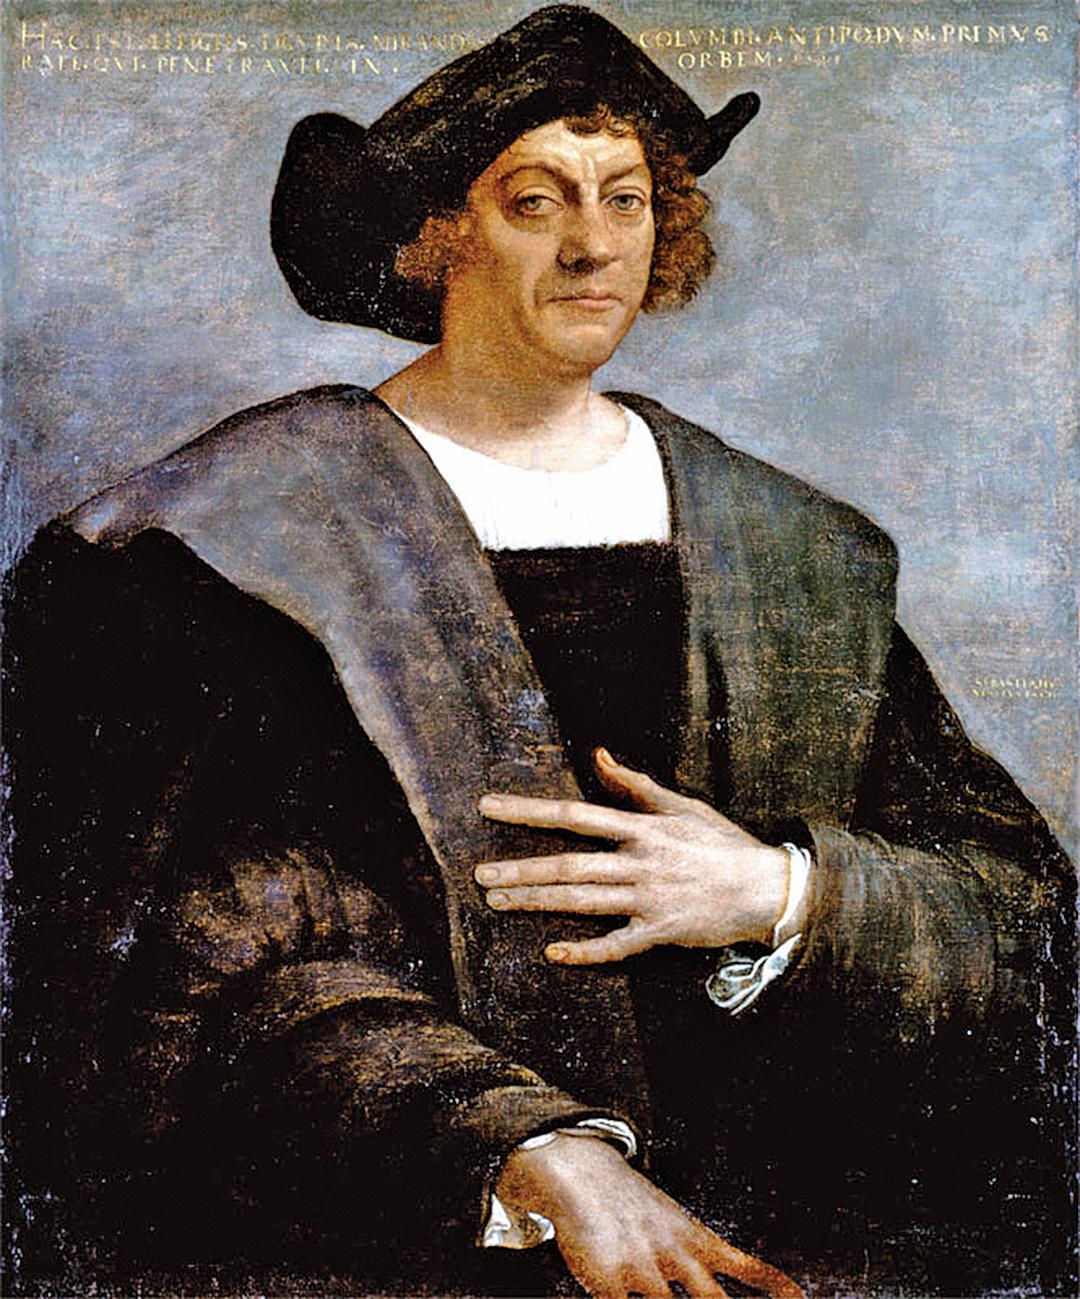 1496年,哥倫布向西班牙國王提出建議,依照他的航海圖向東航向中國重建與元帝國的聯繫。圖為皮永博於1519年所作的哥倫布肖像。(公有領域)